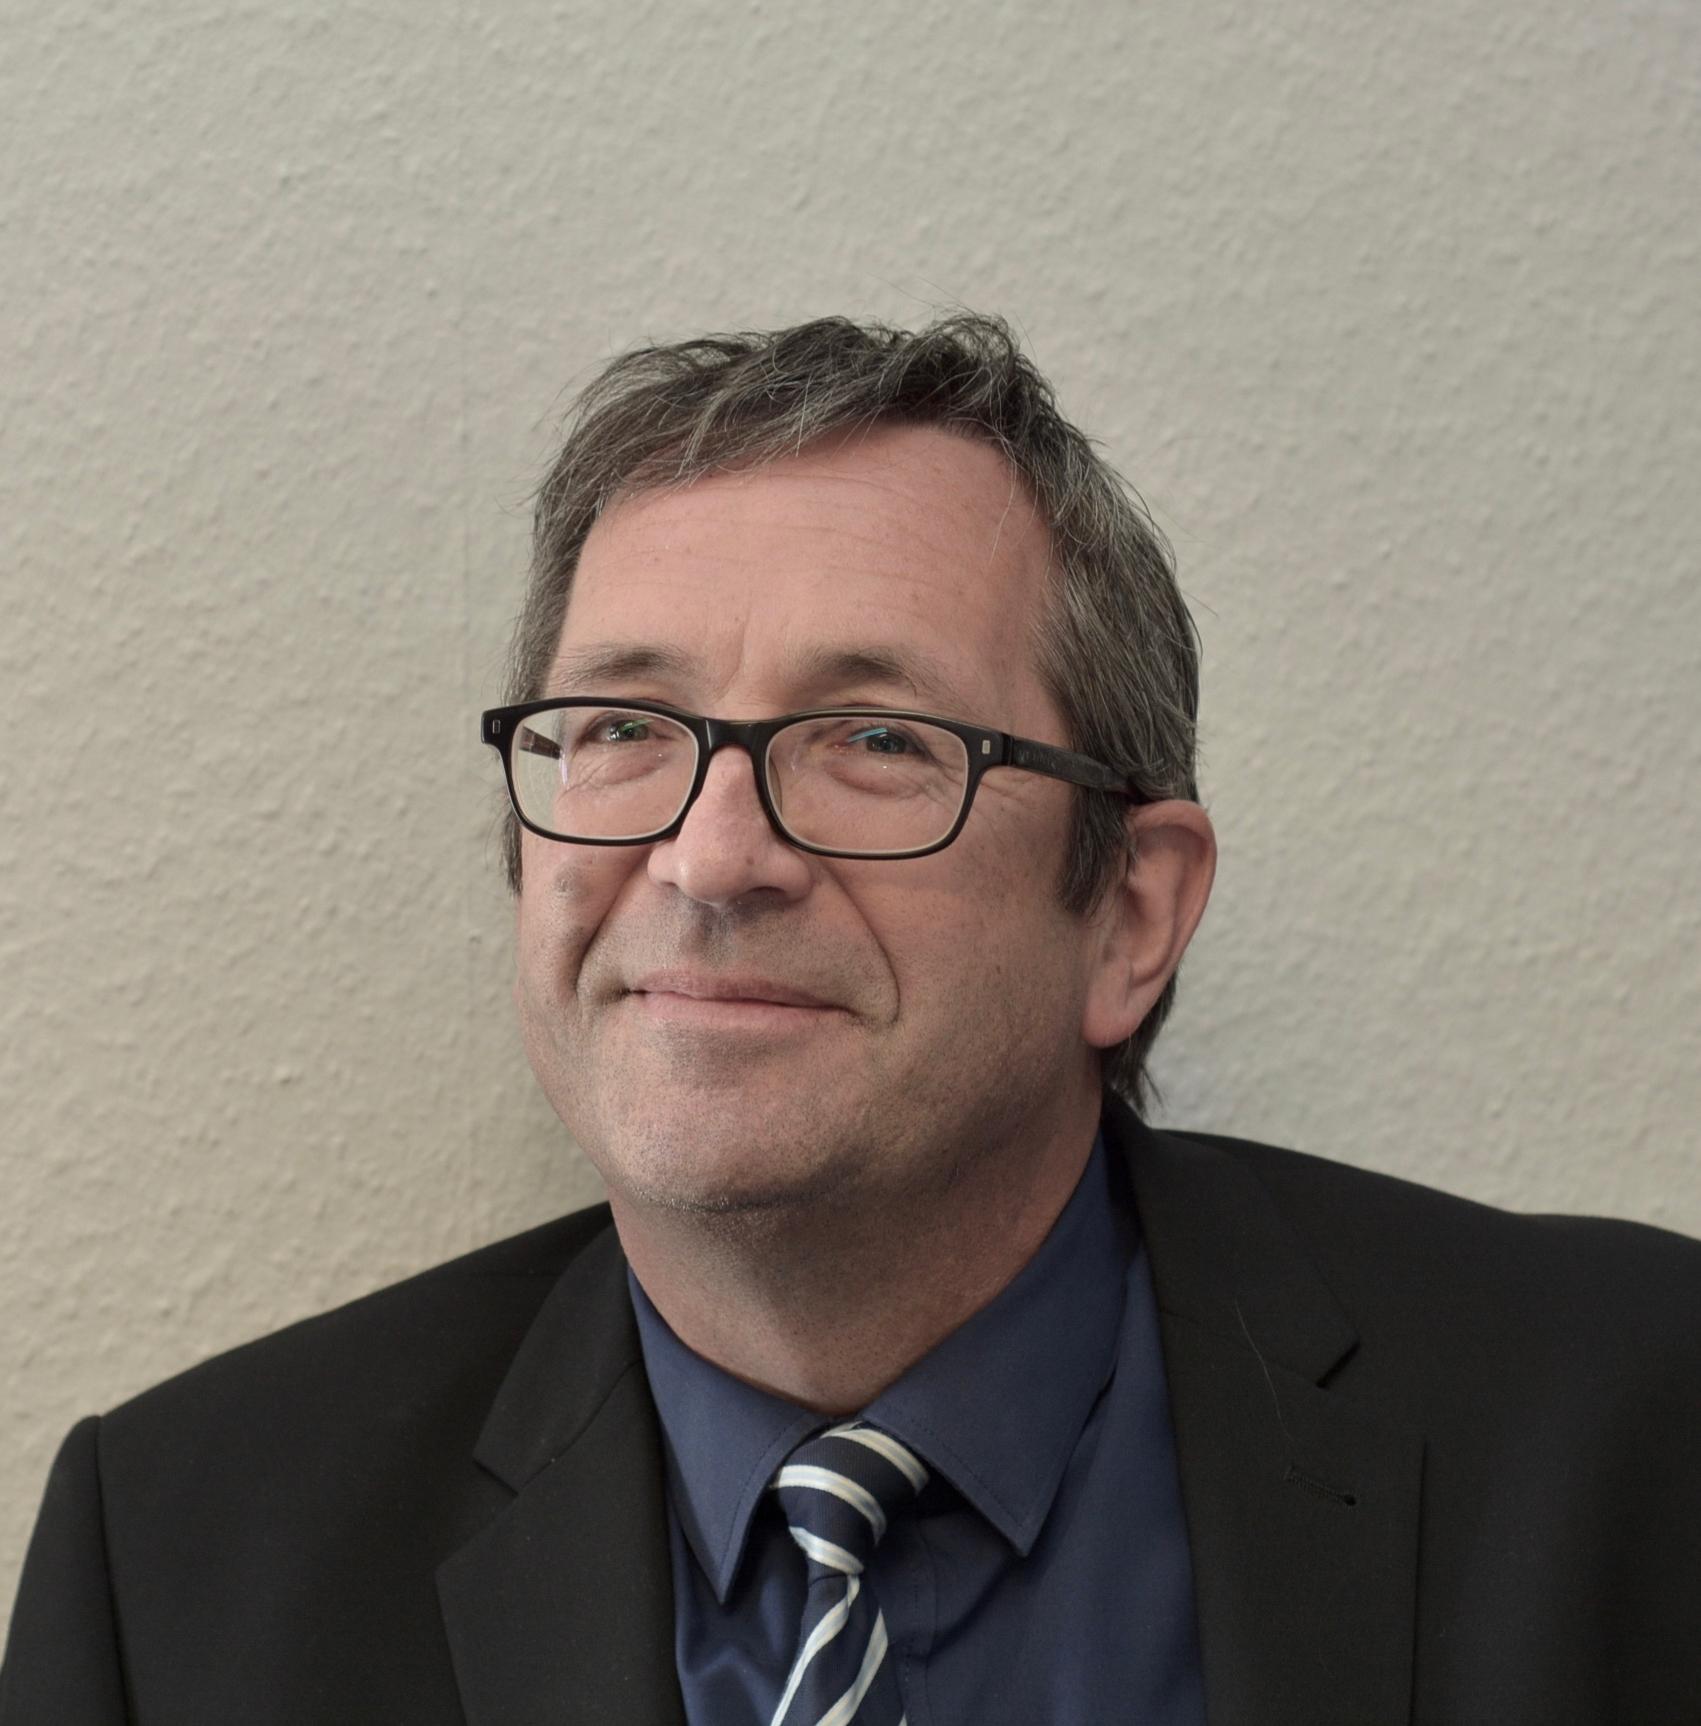 Simon Bradbury